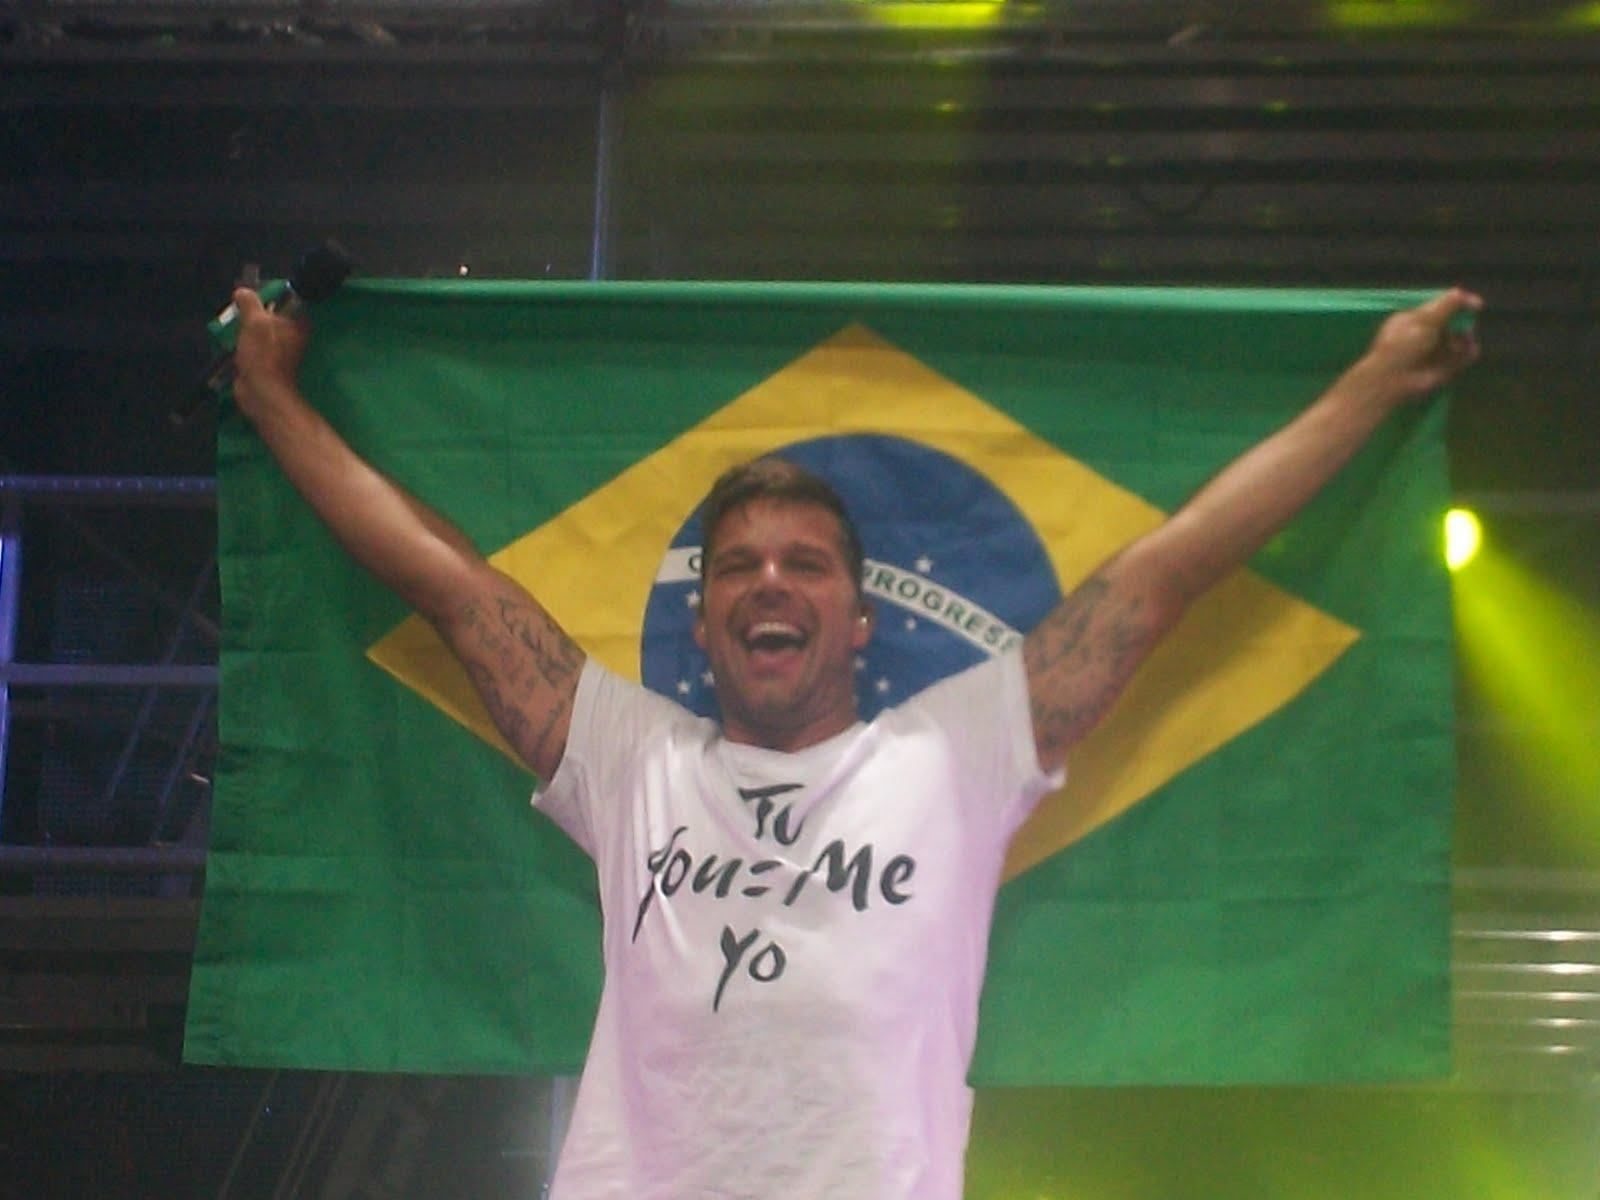 http://2.bp.blogspot.com/-7L38Lp4ofTs/TwH2nIx1DCI/AAAAAAAAC8U/qwOews58Kyw/s1600/ricky+brasil.JPG